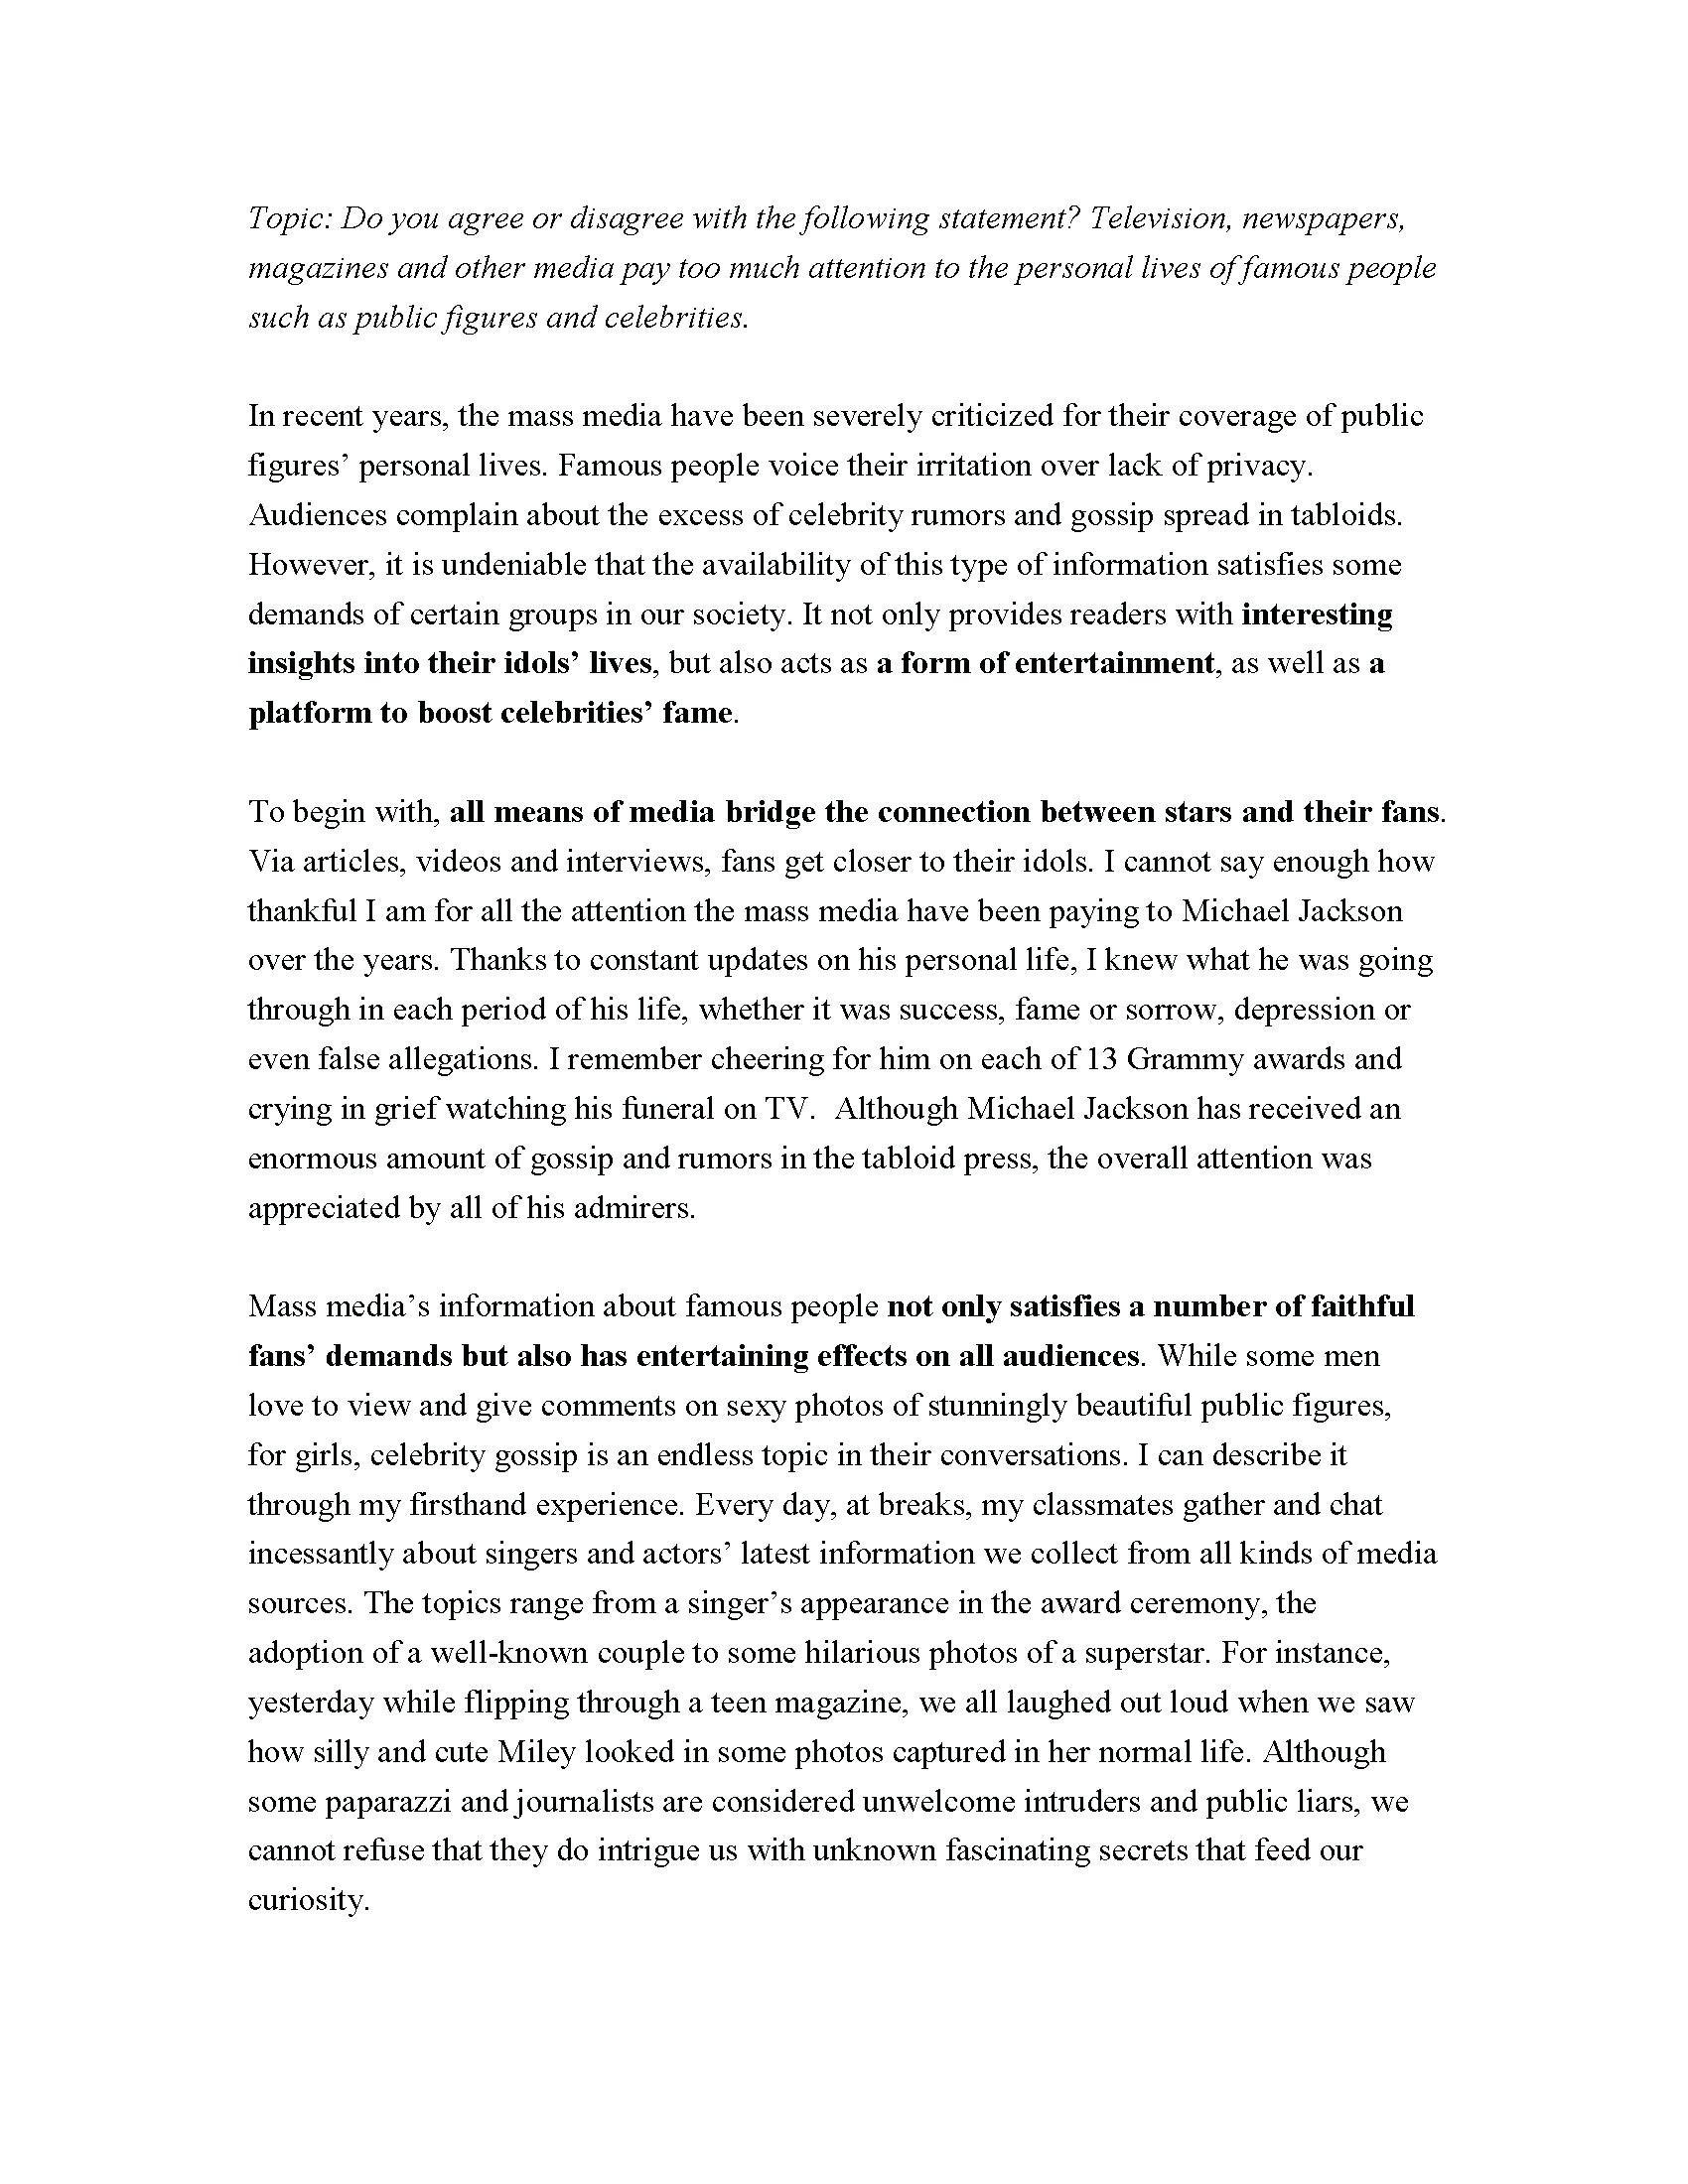 toefl essay örnekleri